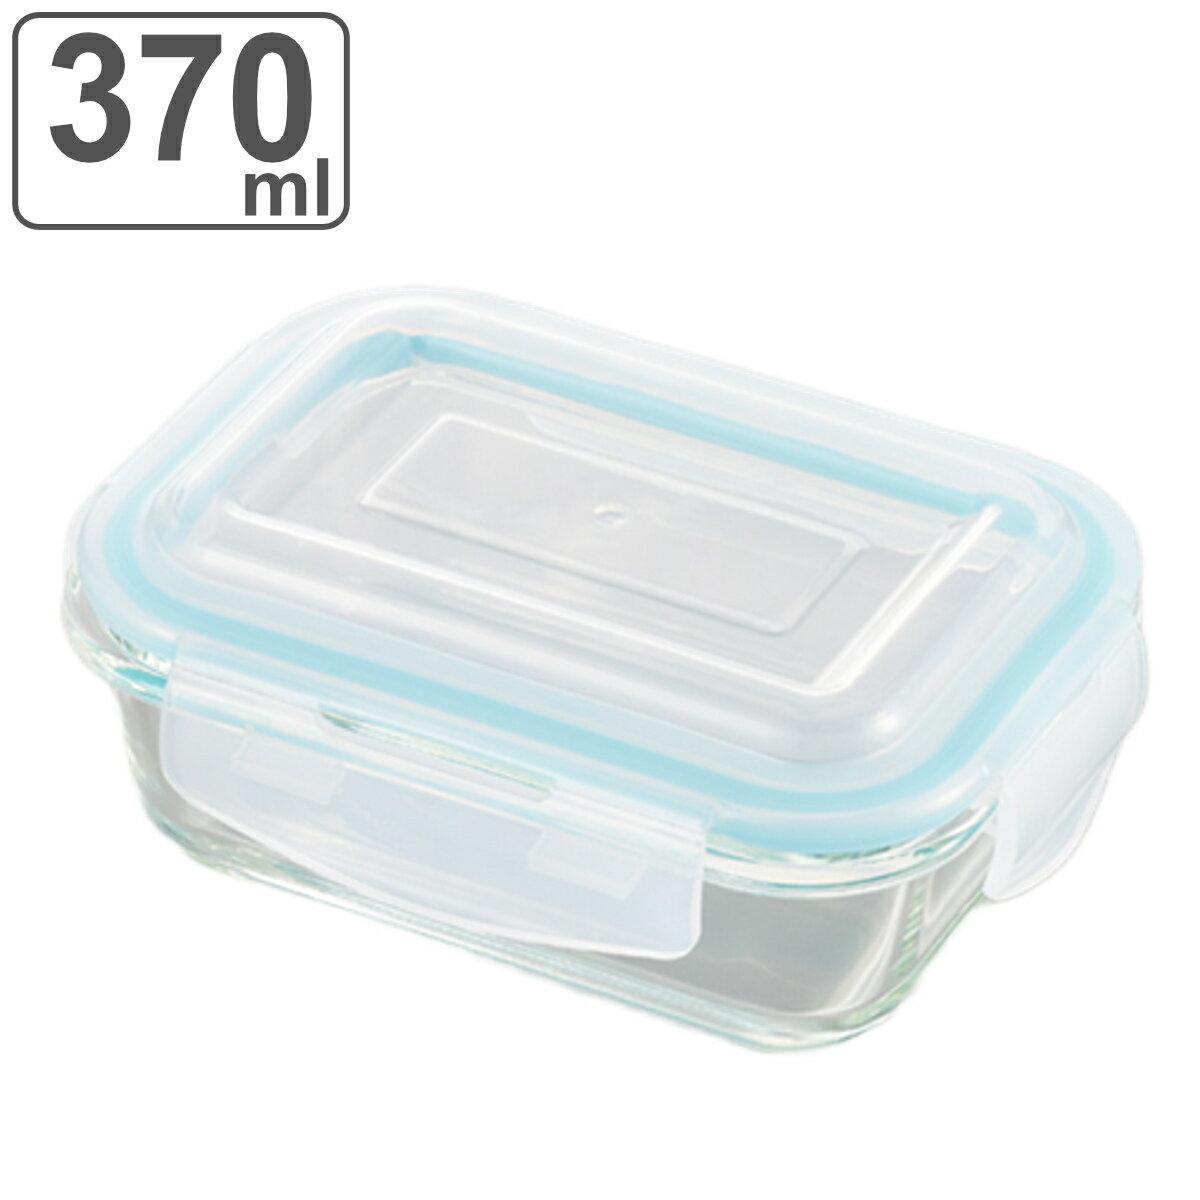 保存容器 グラスコンテナ 4点ロック式ガラス容器 370ml